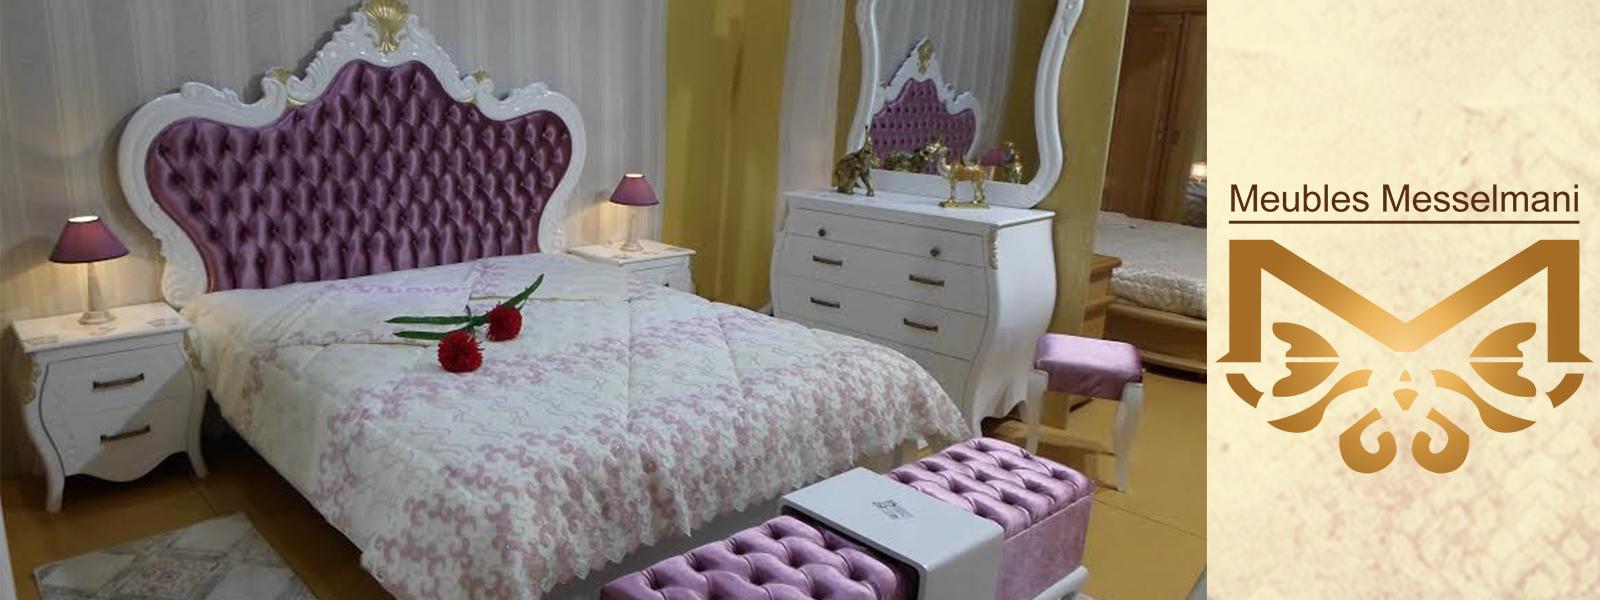 Chambre de nuit fashion designs for Meubles hotel liquidation